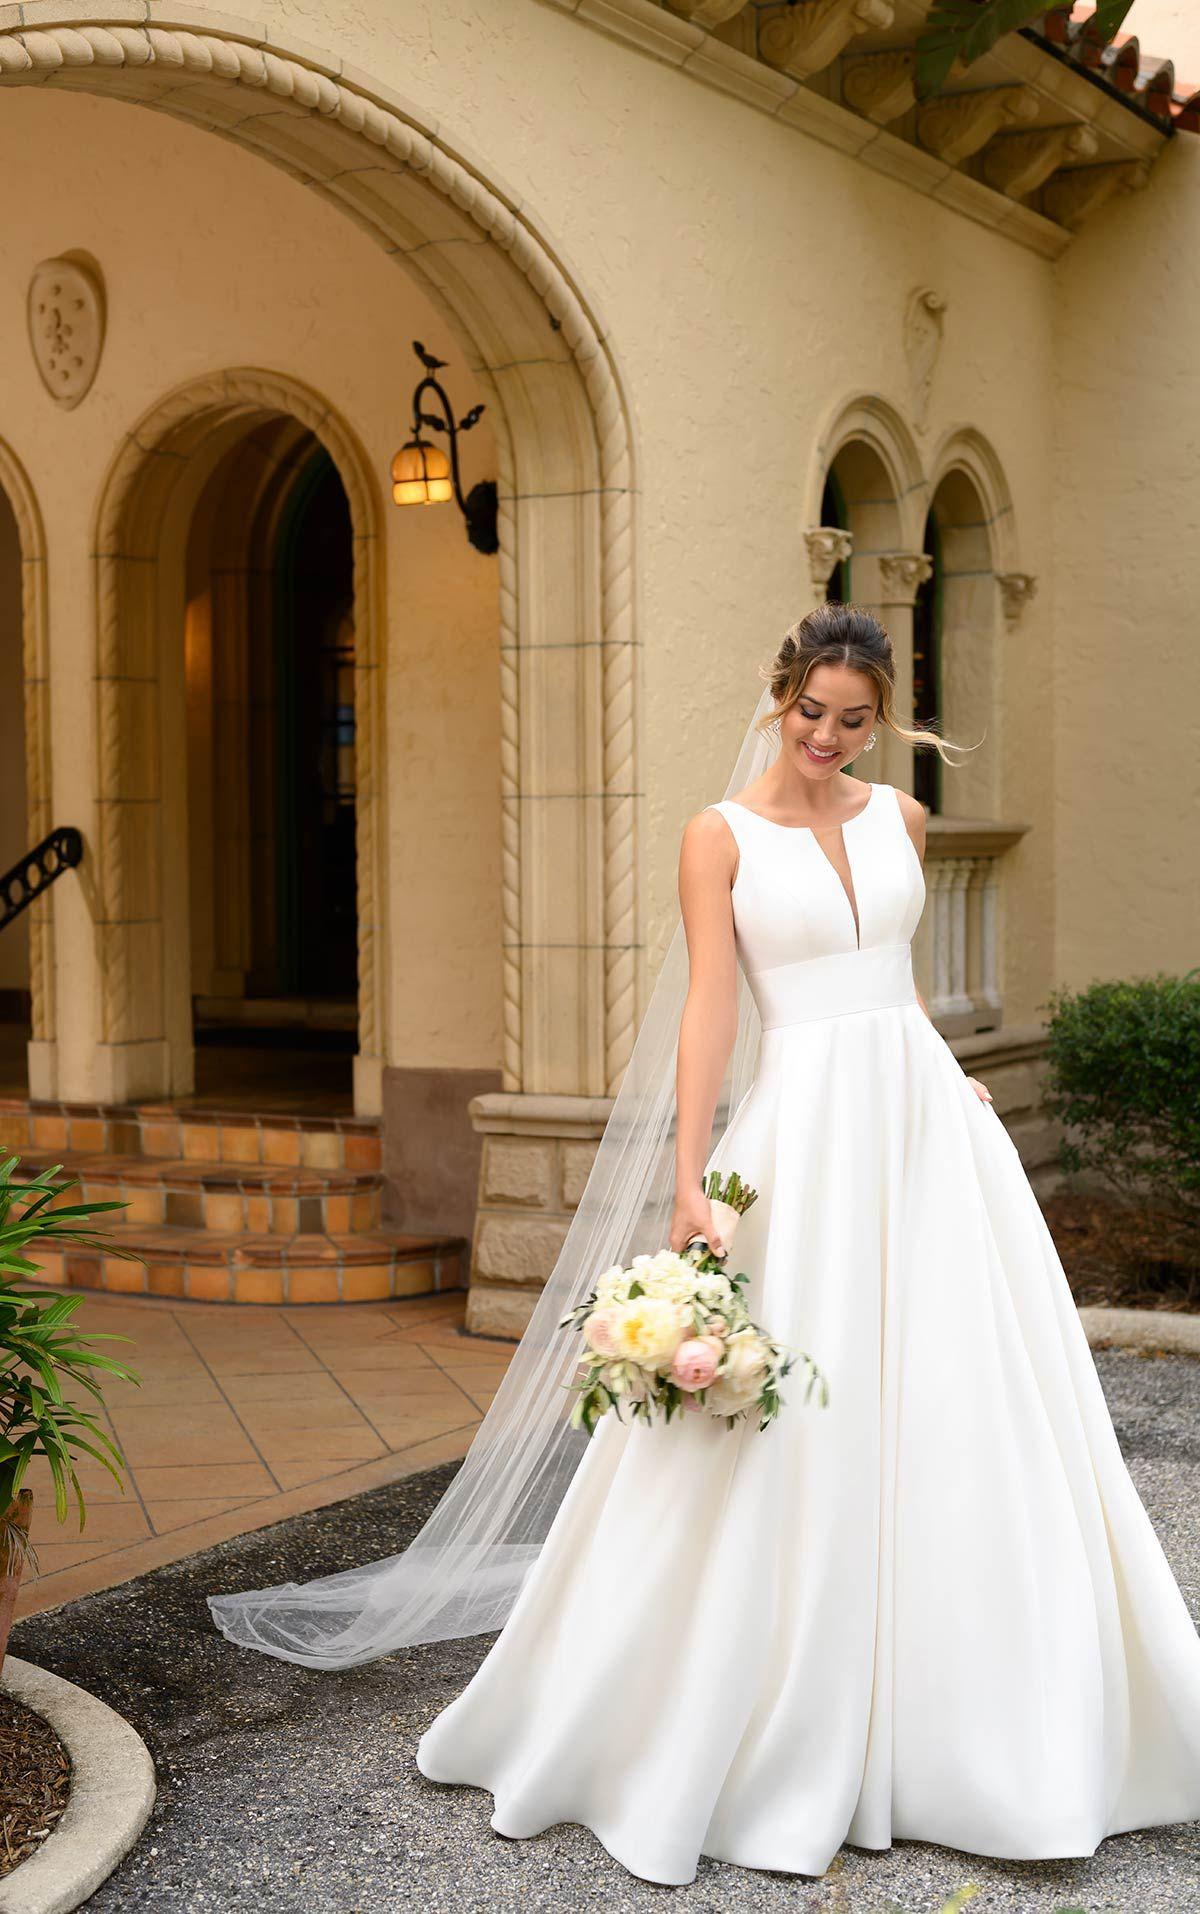 Clean Modern Ballgown With Illusion Plunge Stella York Wedding Dresses Wedding Dresses Stella York Wedding Dress York Wedding Dress [ 1914 x 1200 Pixel ]